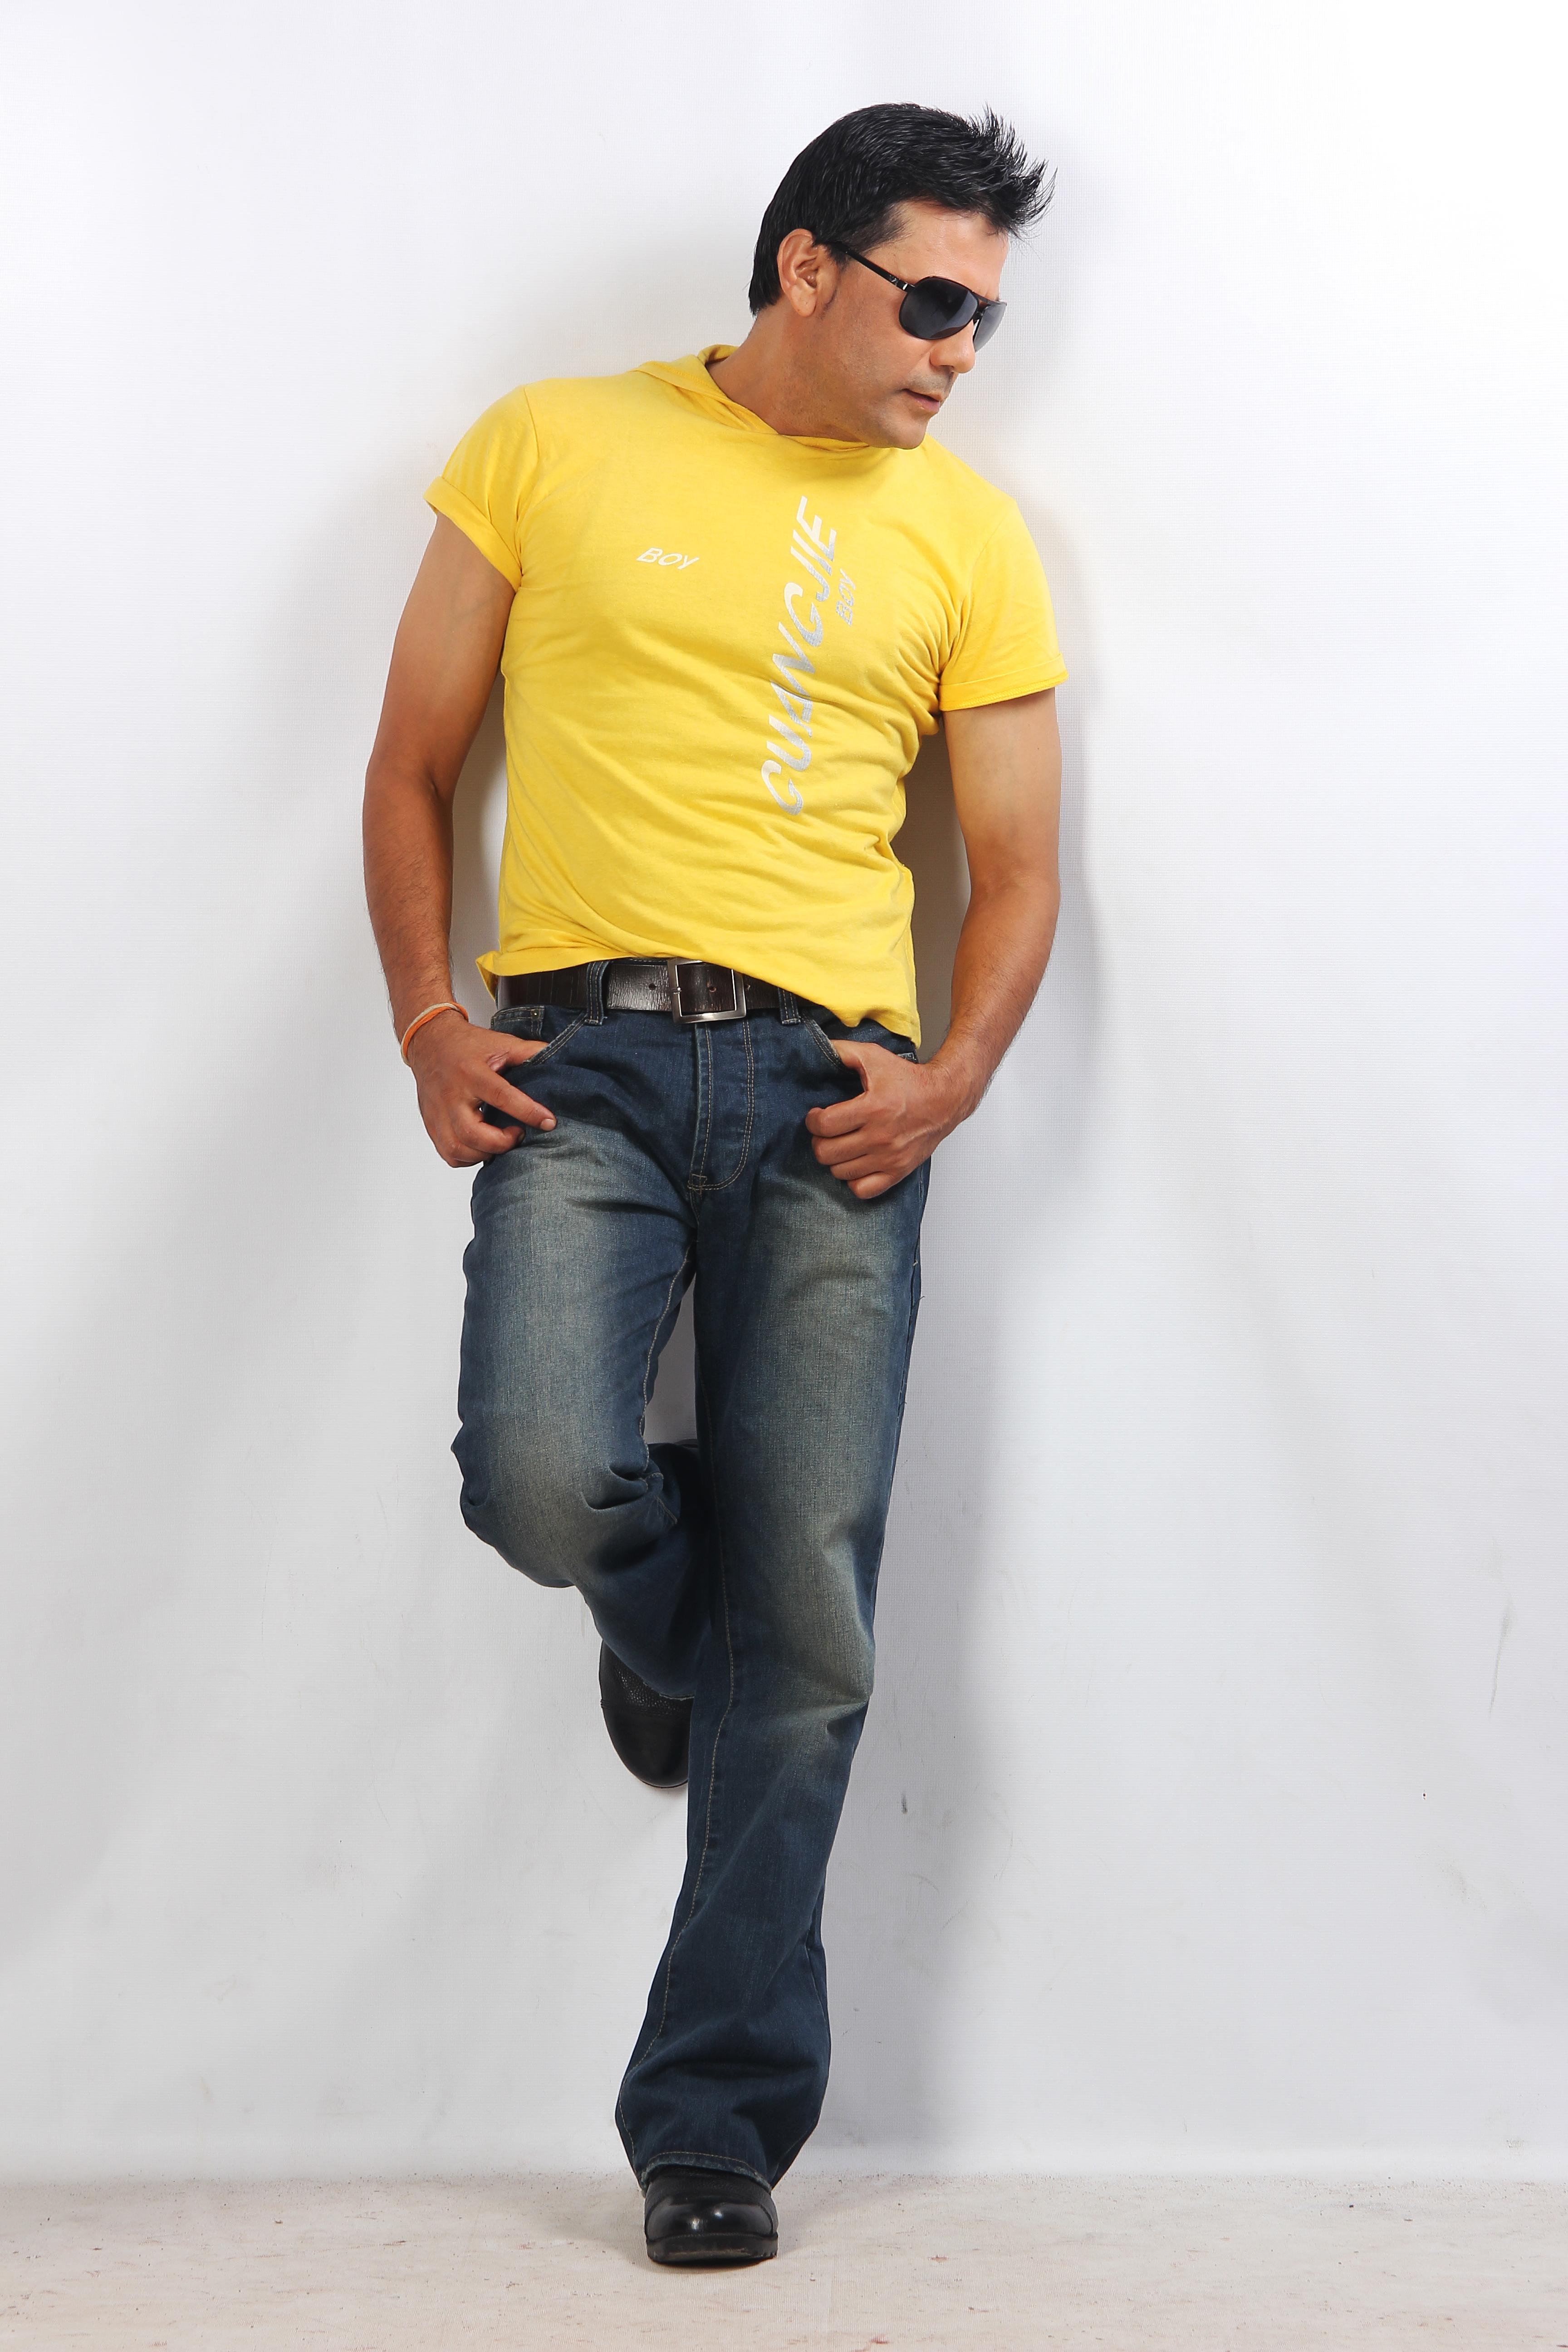 Sushil Chhetri Sushil Chhetri new pics